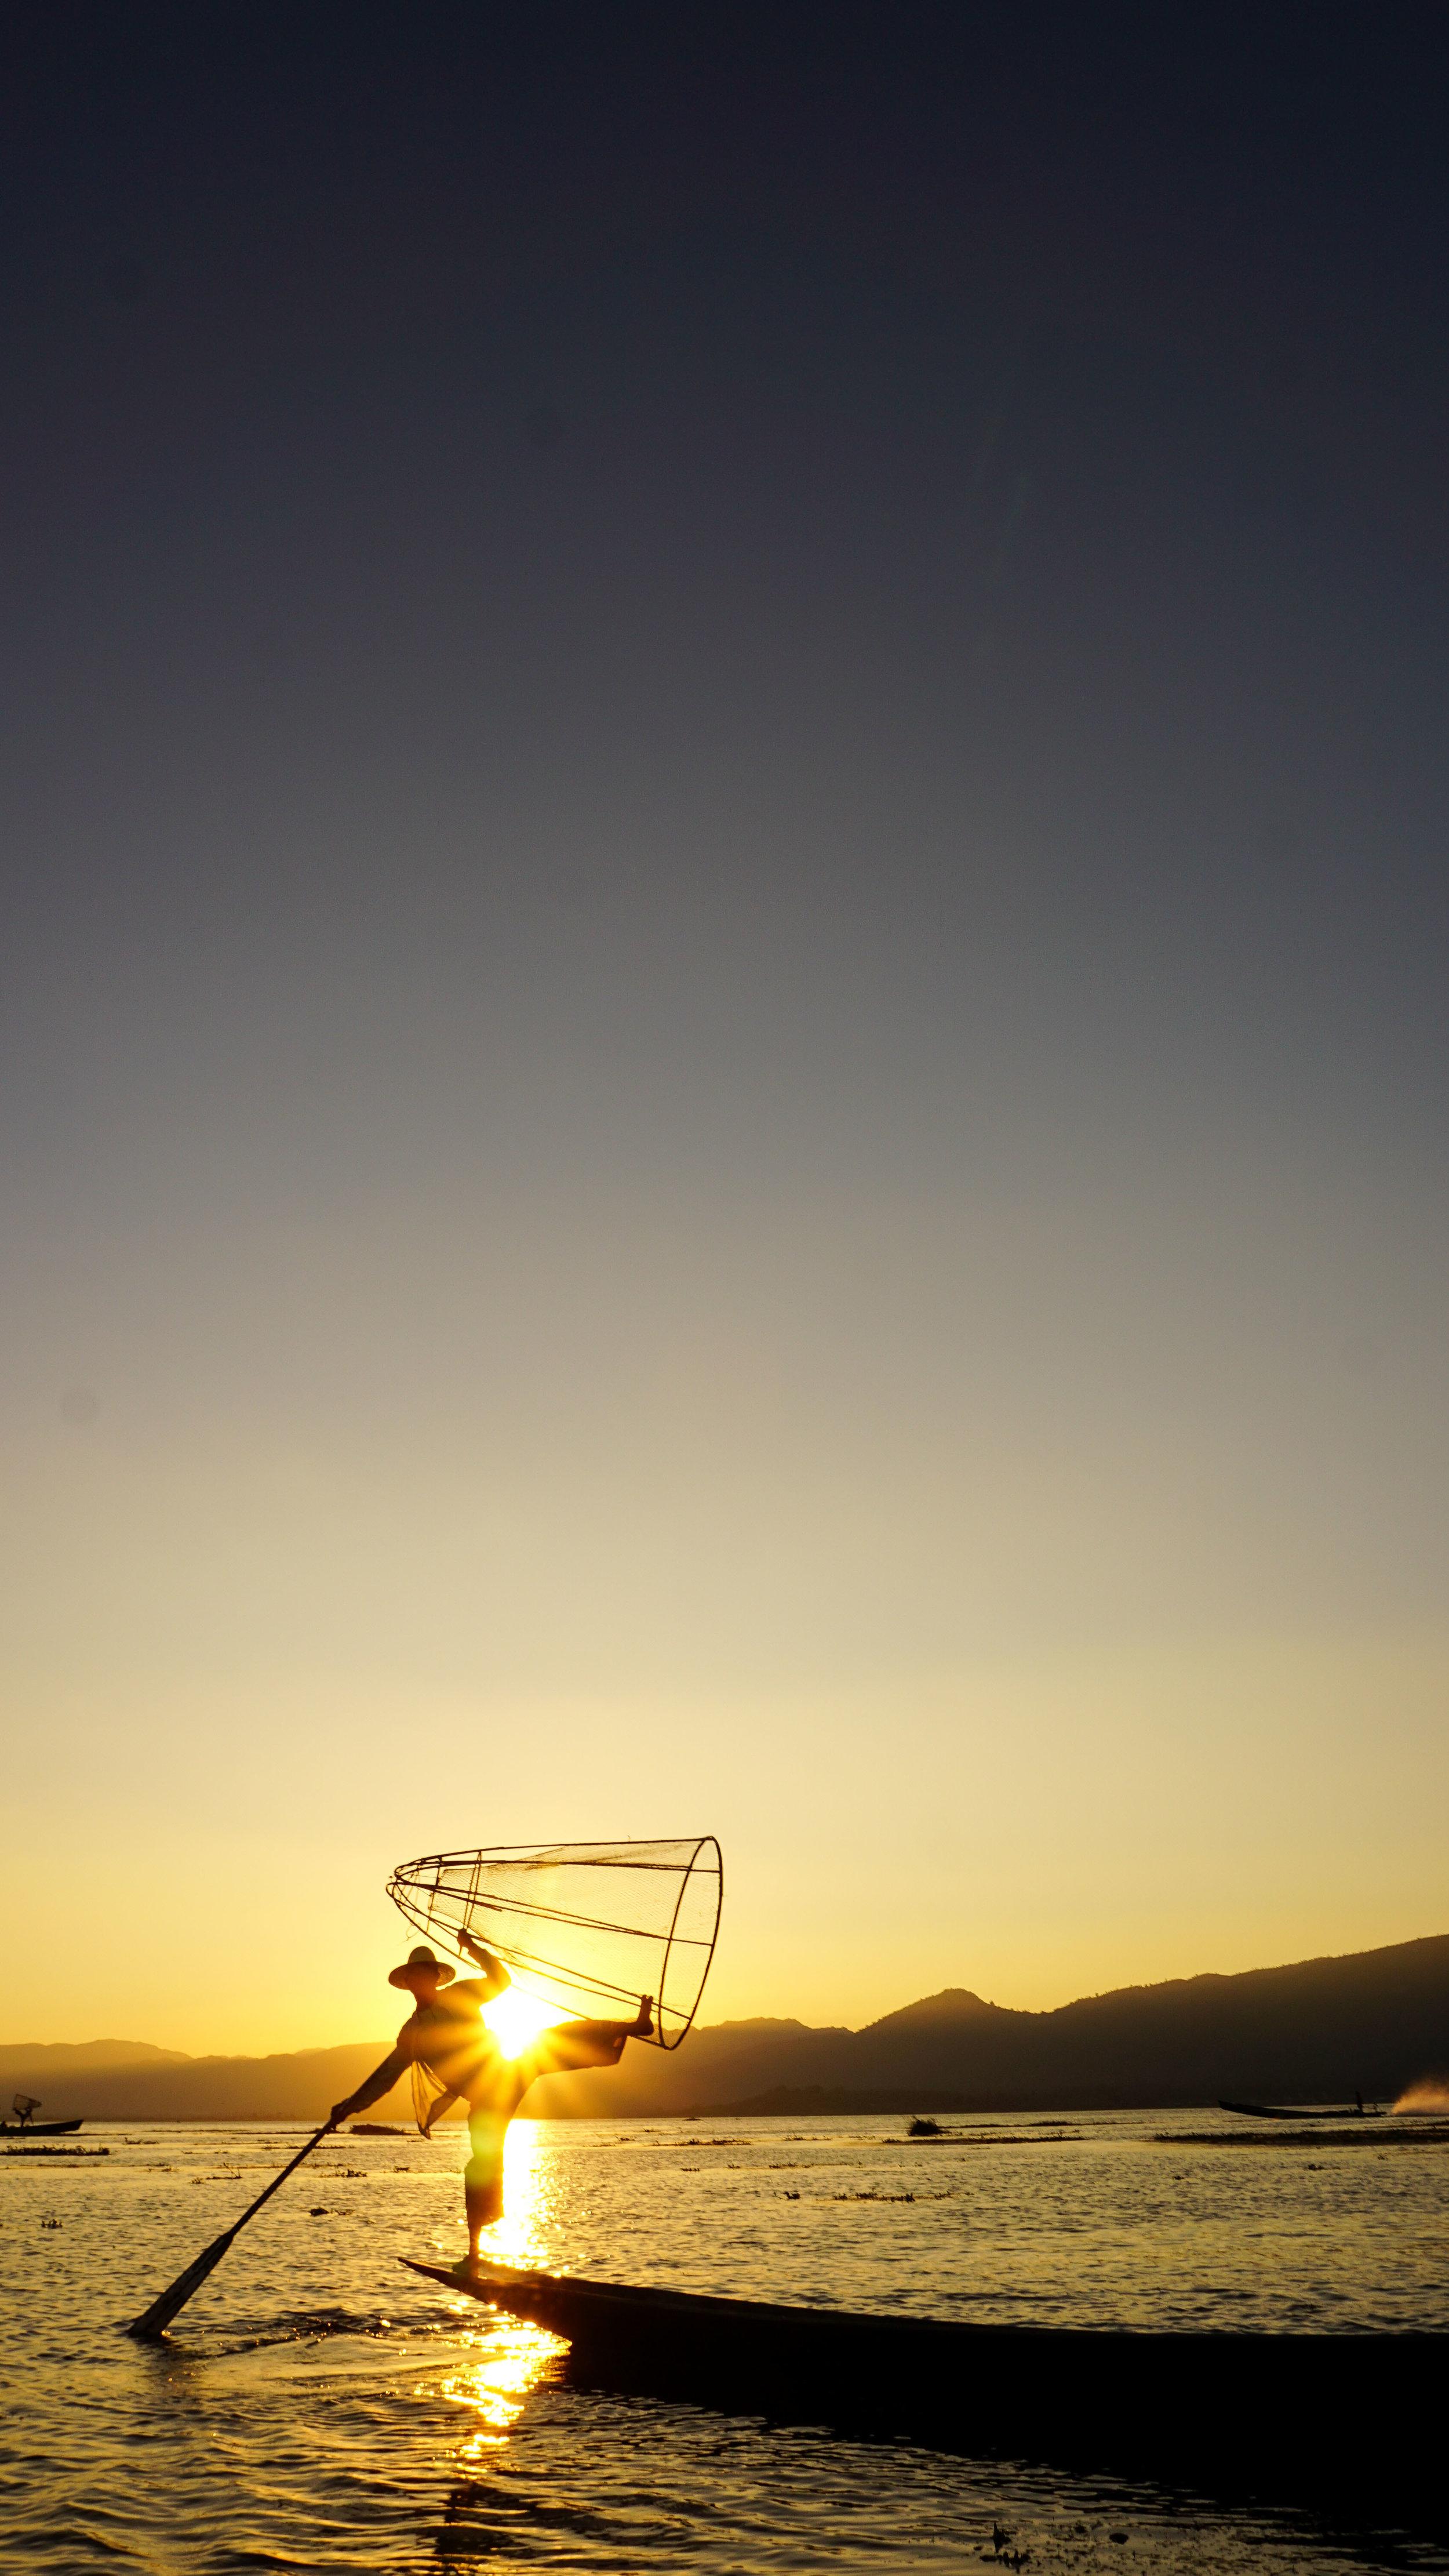 Fisherman performing at sunset on Inle Lake.